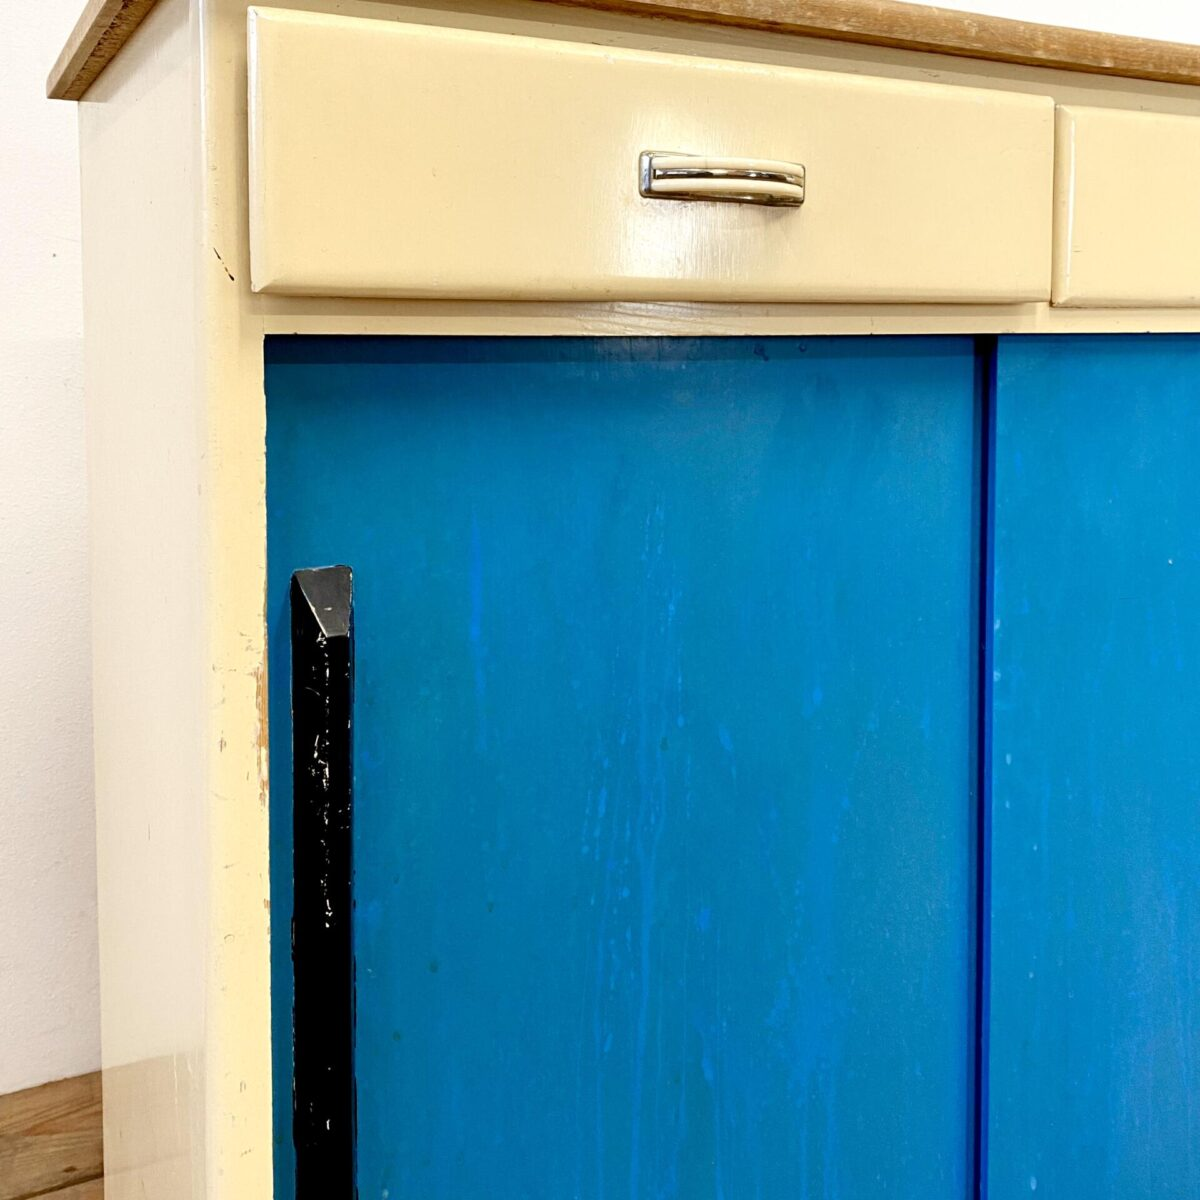 Deuxieme.shop vintage 60er Jahre Küchenschrank Schrank mit Schubladen und blauen Schiebetüren. 200.- 91x40cm Höhe 86.5cm. Voratsschränkli mit Keramik Schütten 250.- 57.5x22cm Höhe 78cm. Tabourettli mit braunem Linoleum 45.-